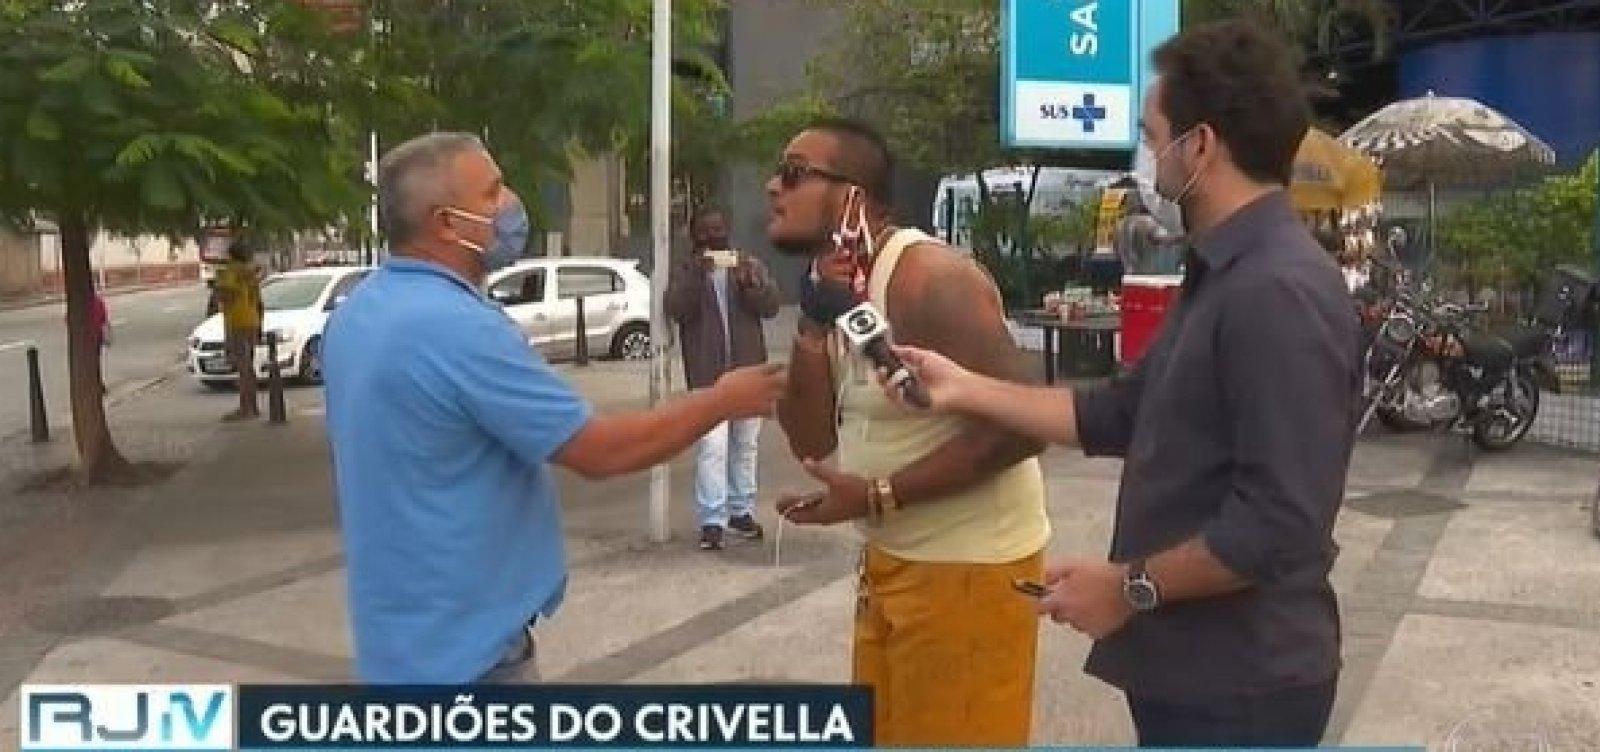 [Prefeito do Rio acumula 'guardiões' para impedir trabalho da imprensa durante plantões]